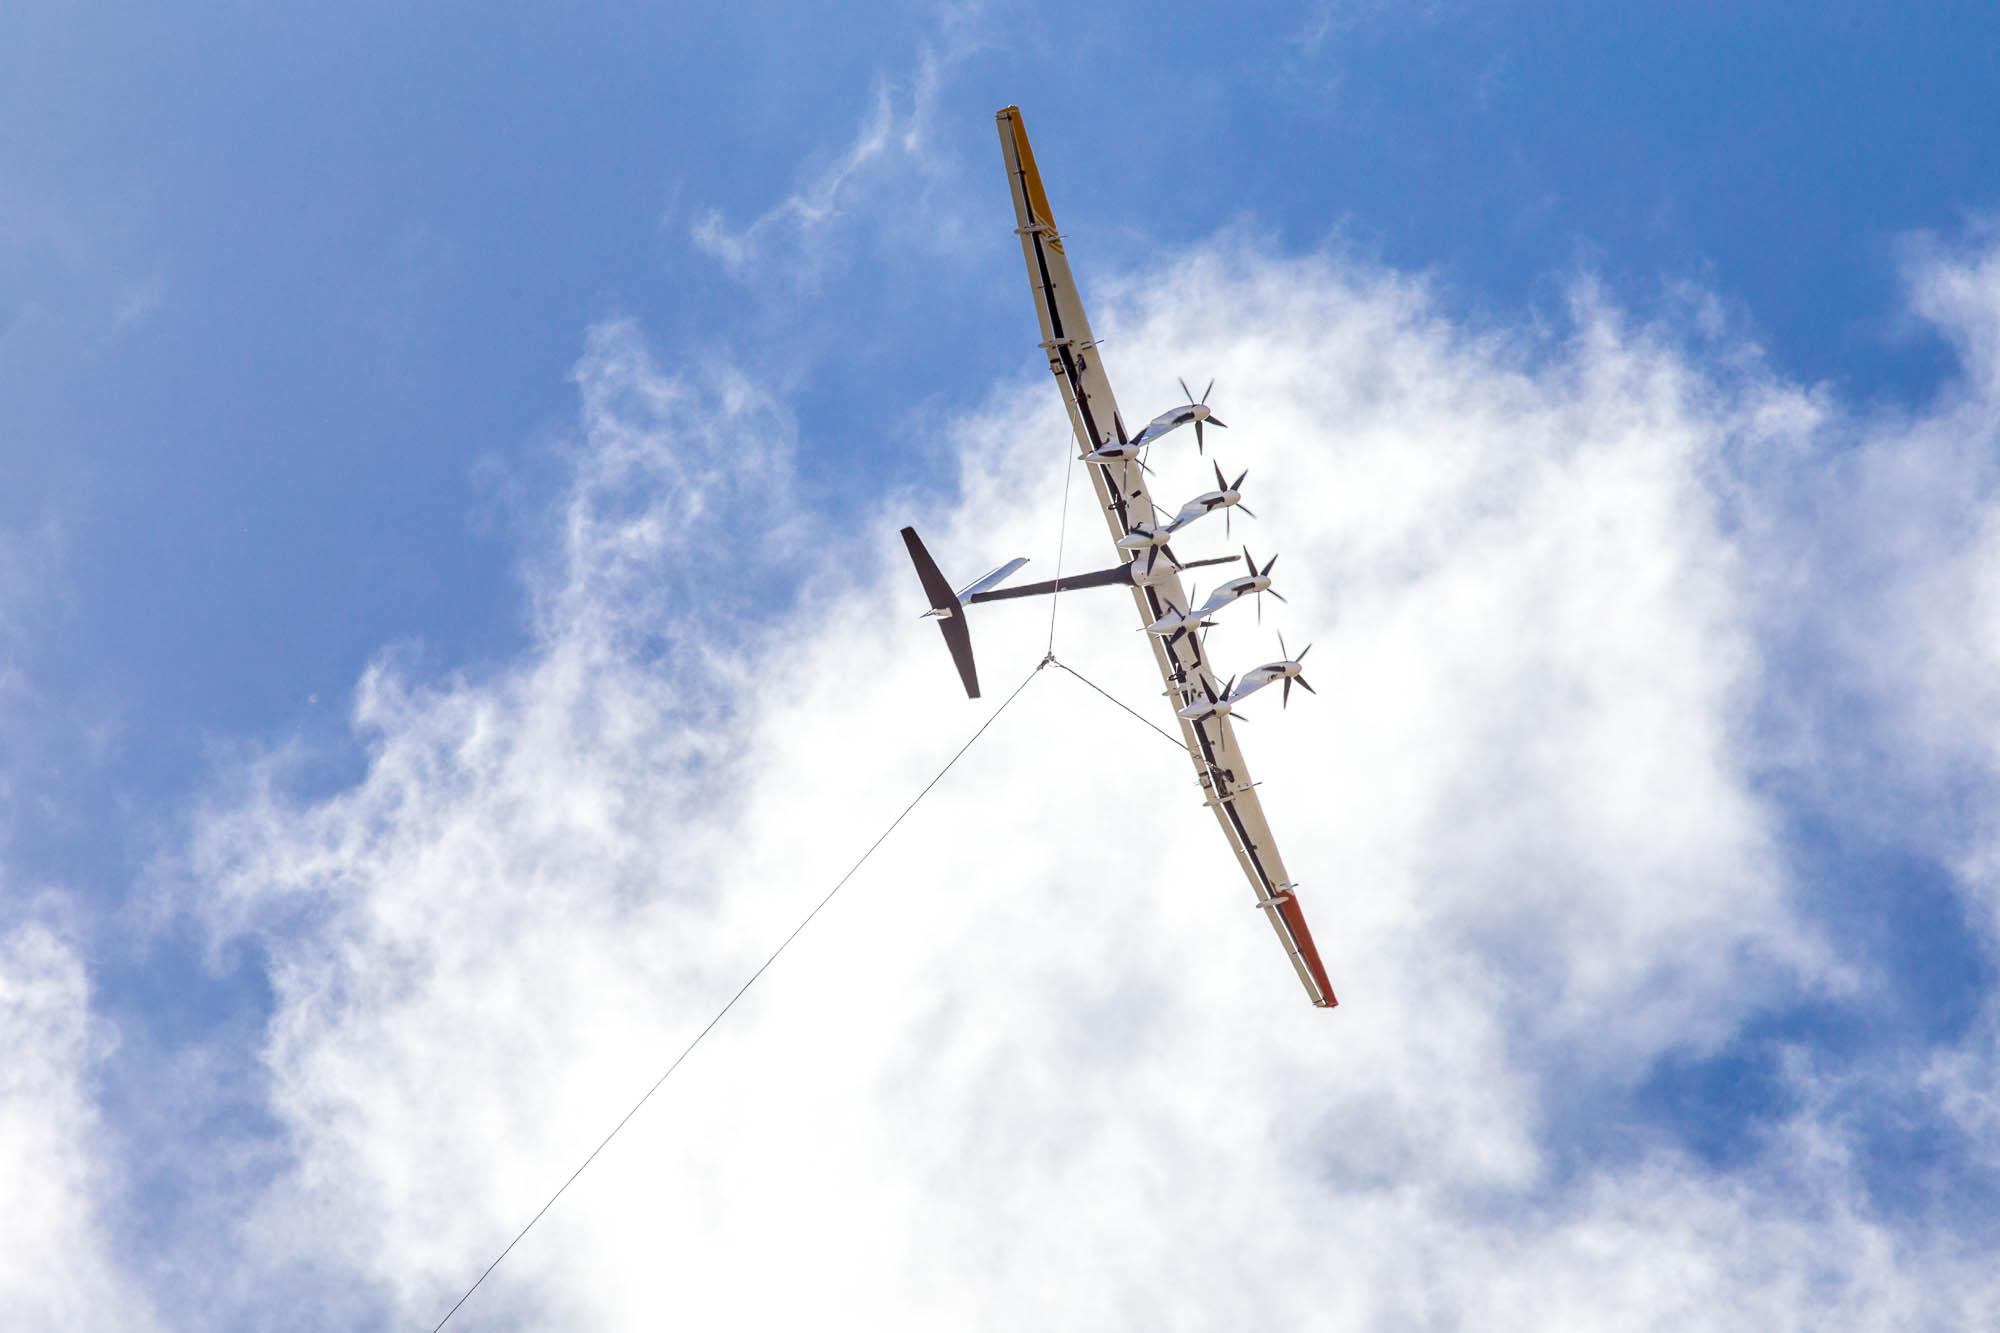 kite in flight hawaii.jpg